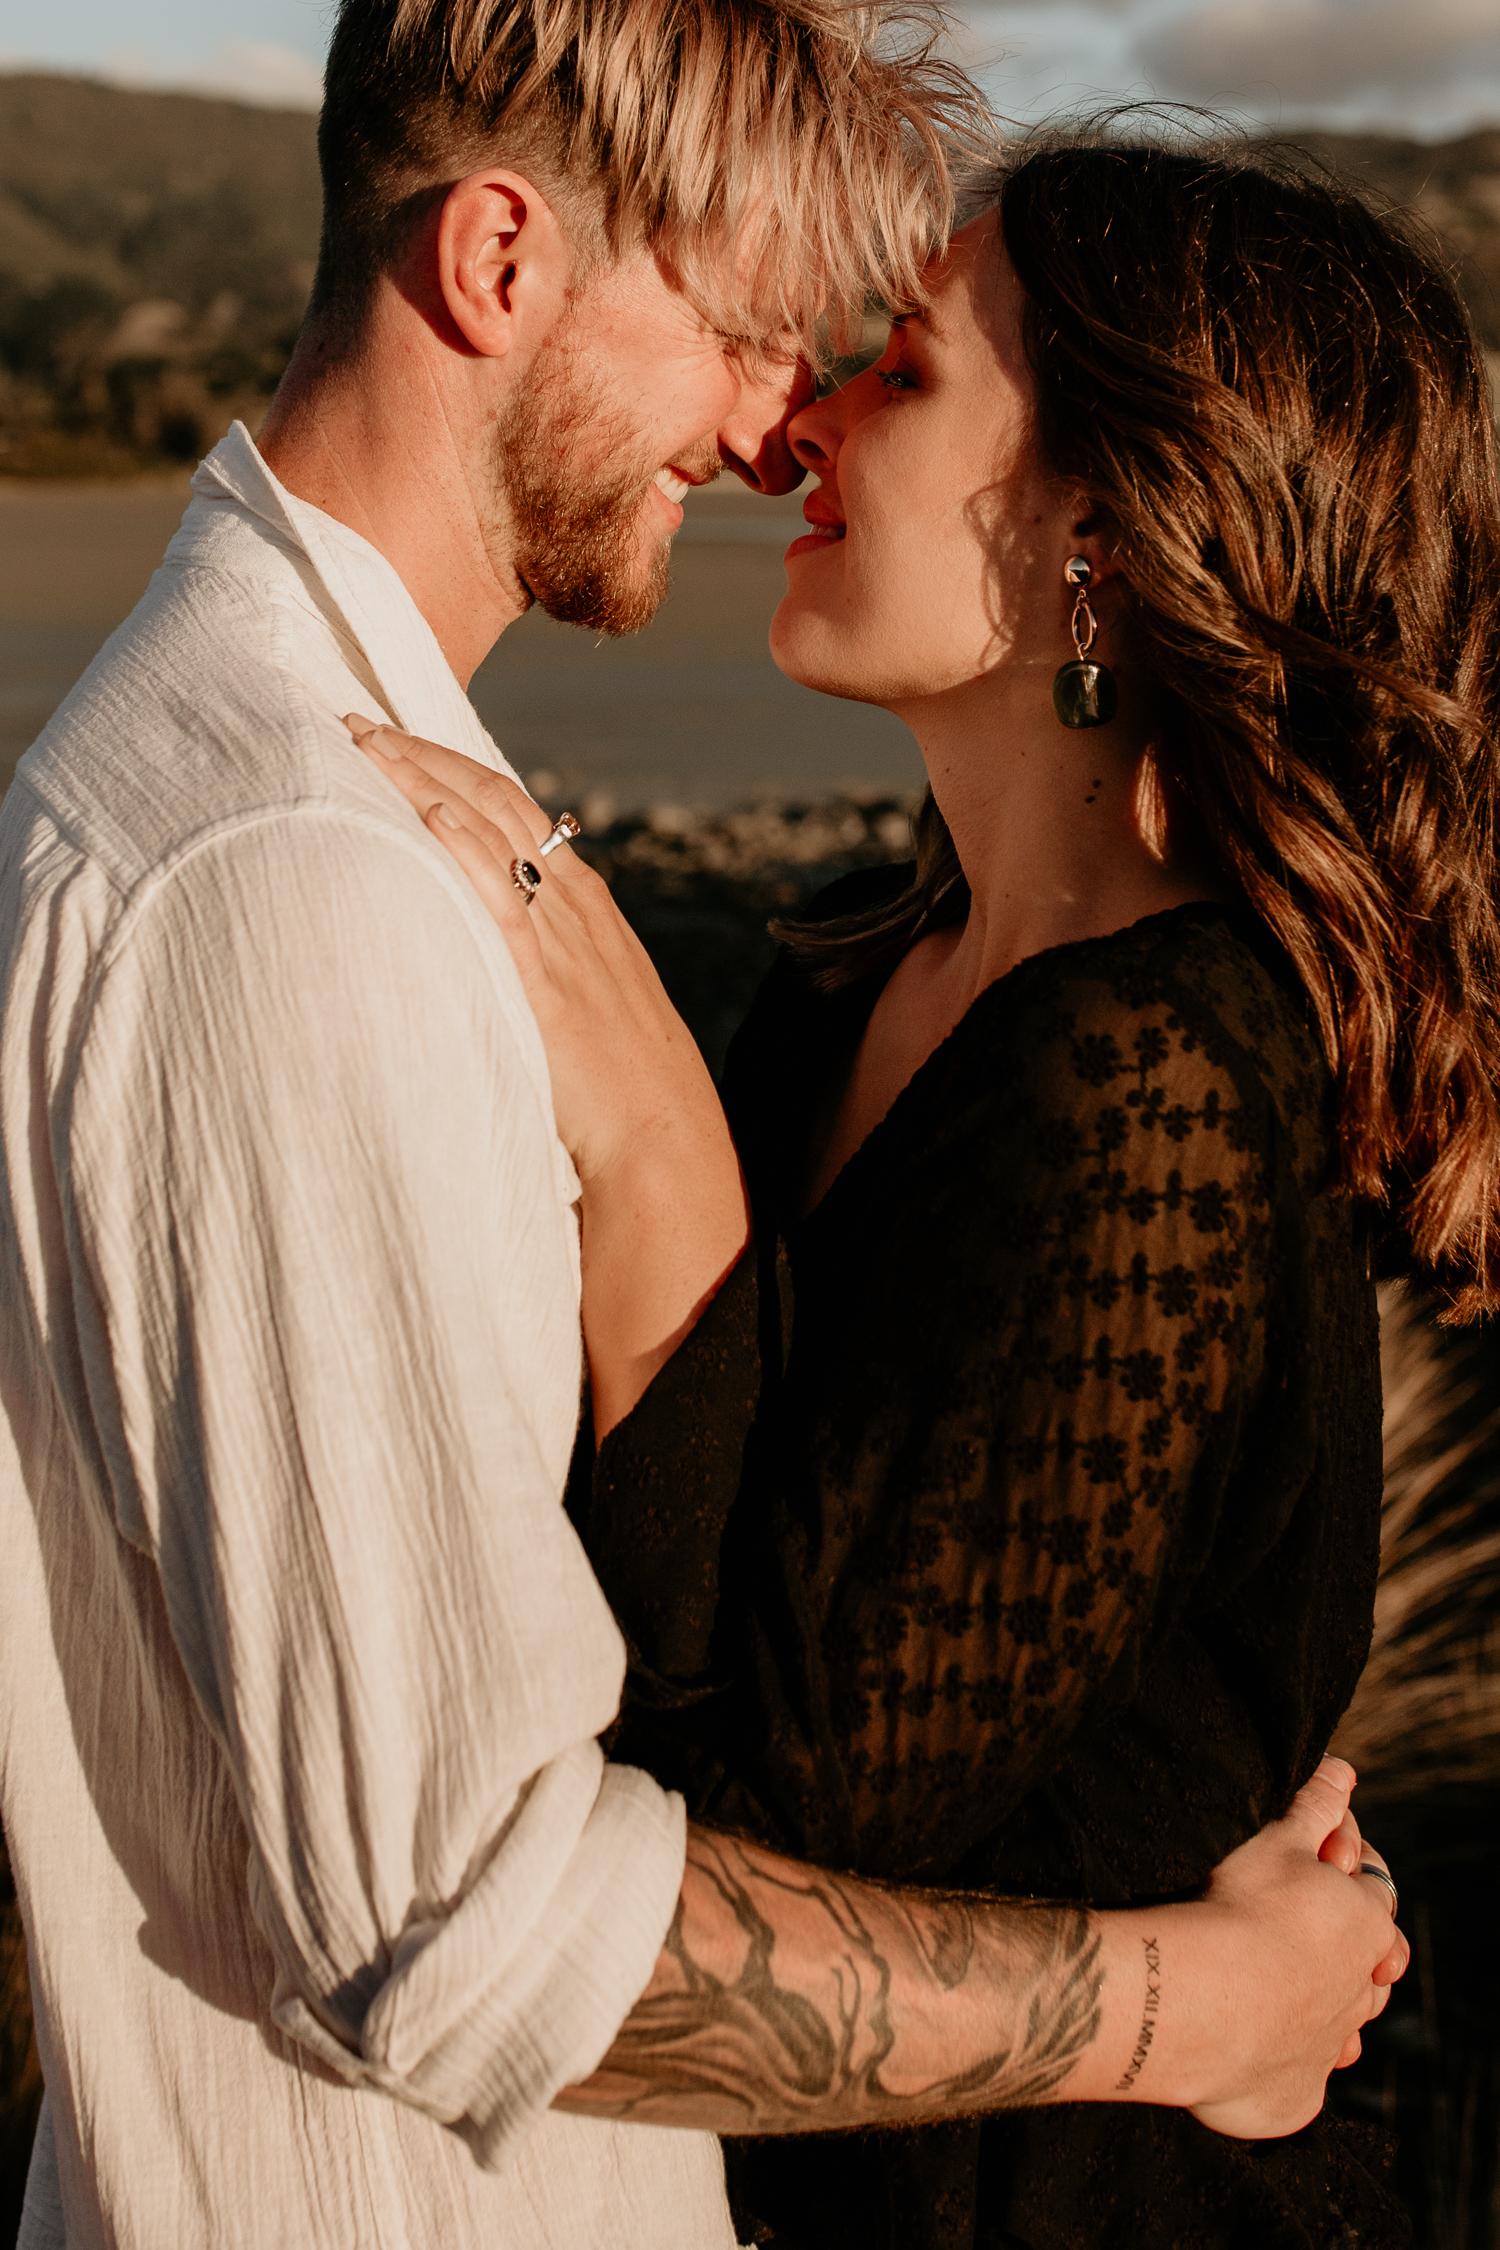 JordanKeegan-NewZealandPhotographer-Couple-Adventure-6935.jpg